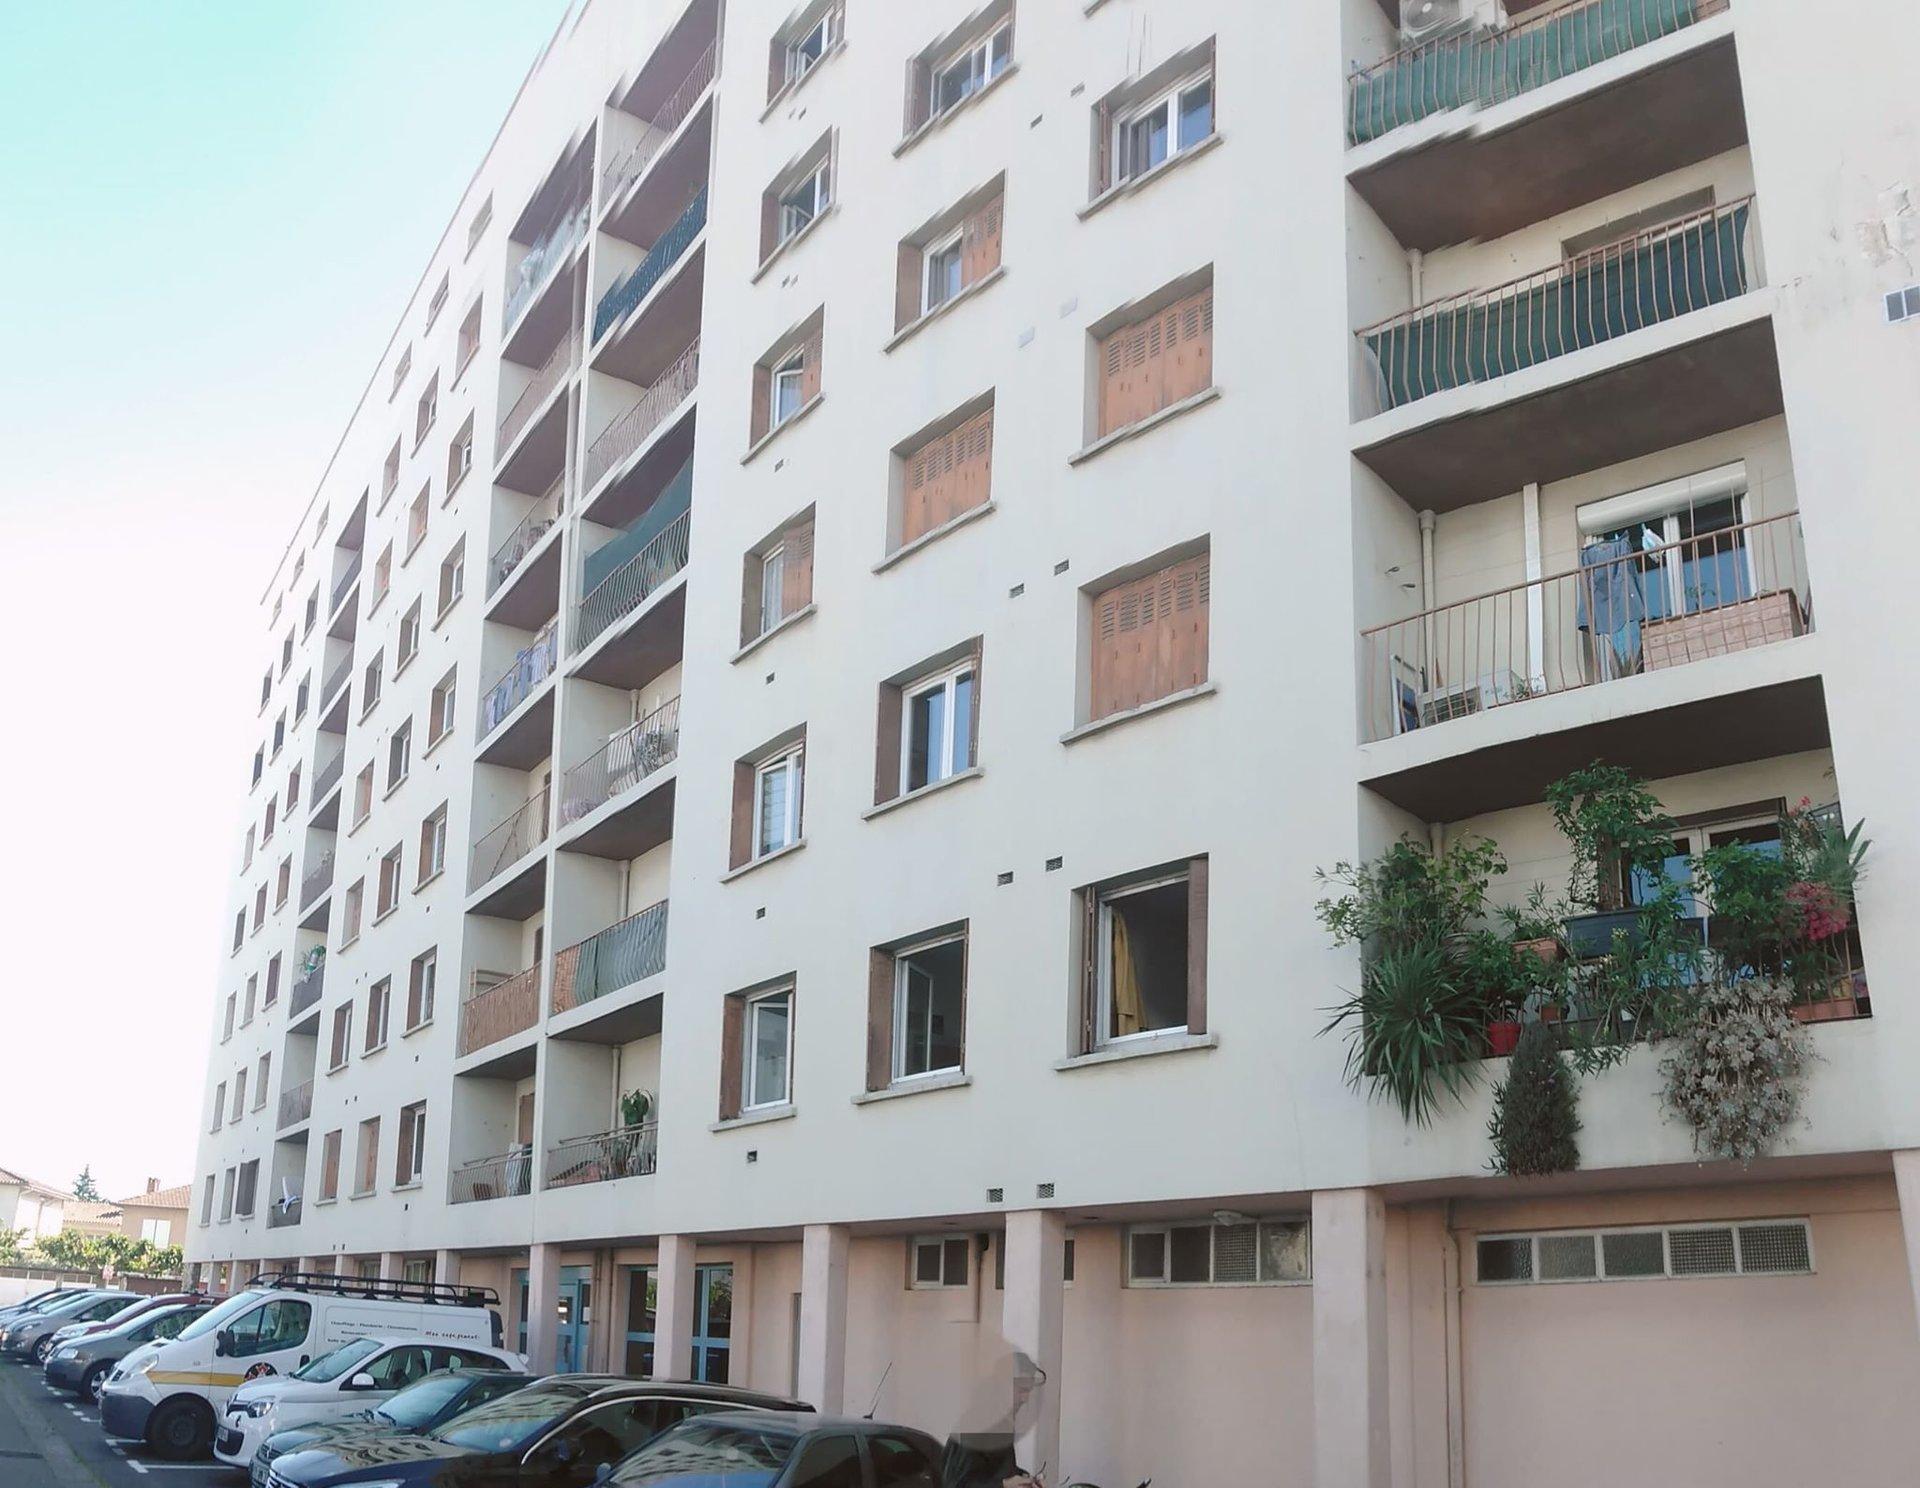 APPT T3 67.83 m² Barrières de Paris LES MINIMES